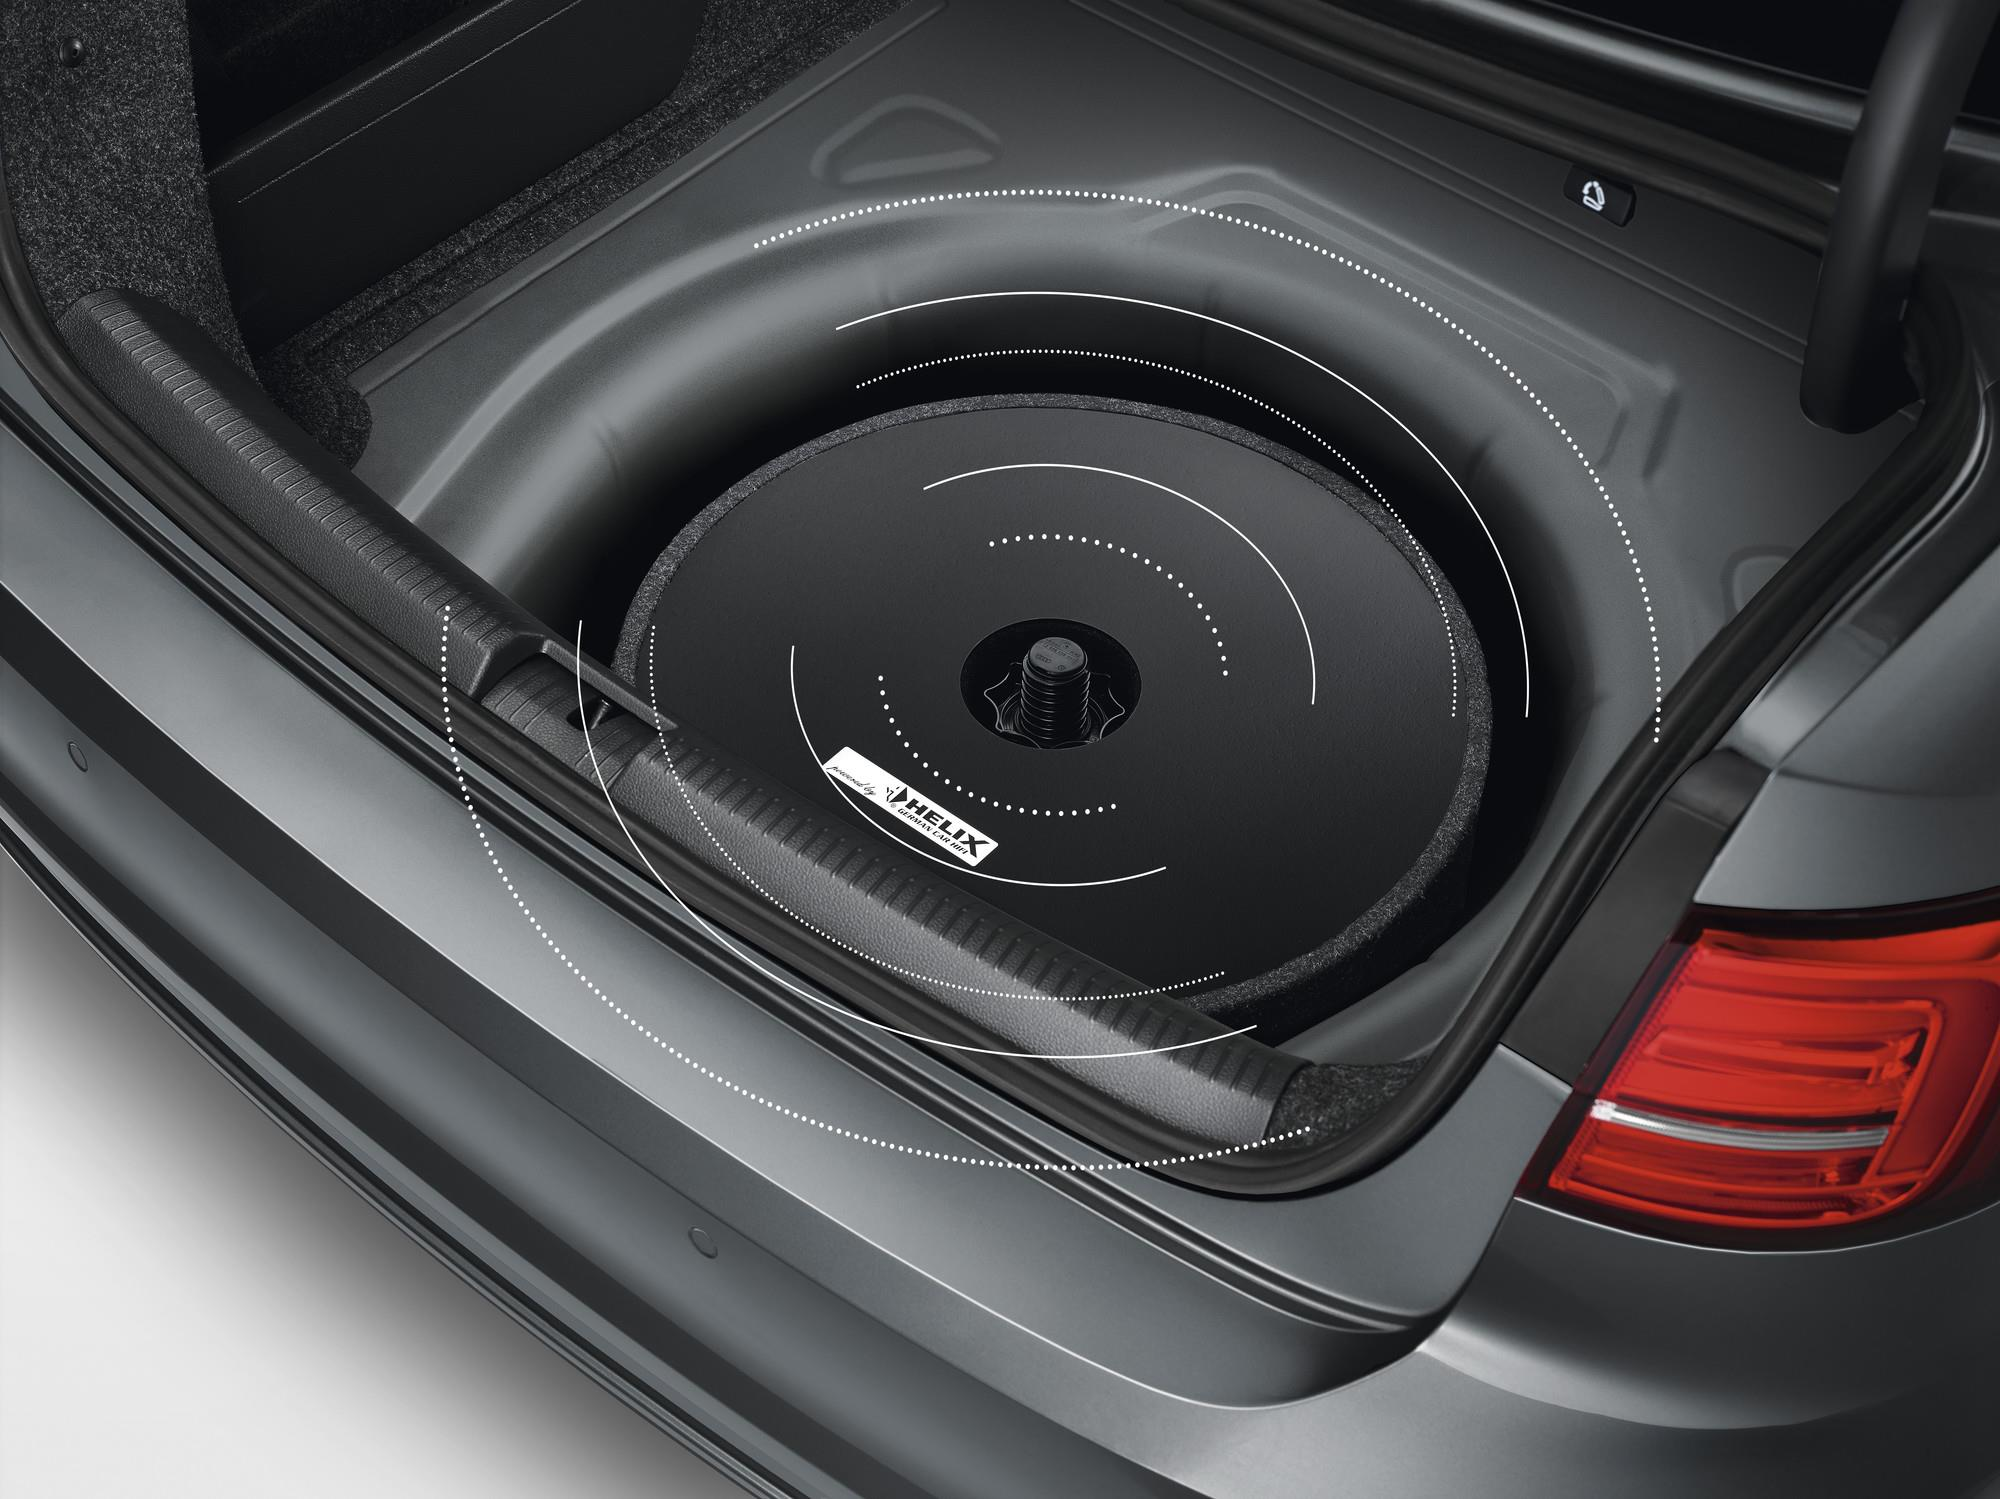 2018 Volkswagen Tiguan Spare Tire Mount Subwoofer